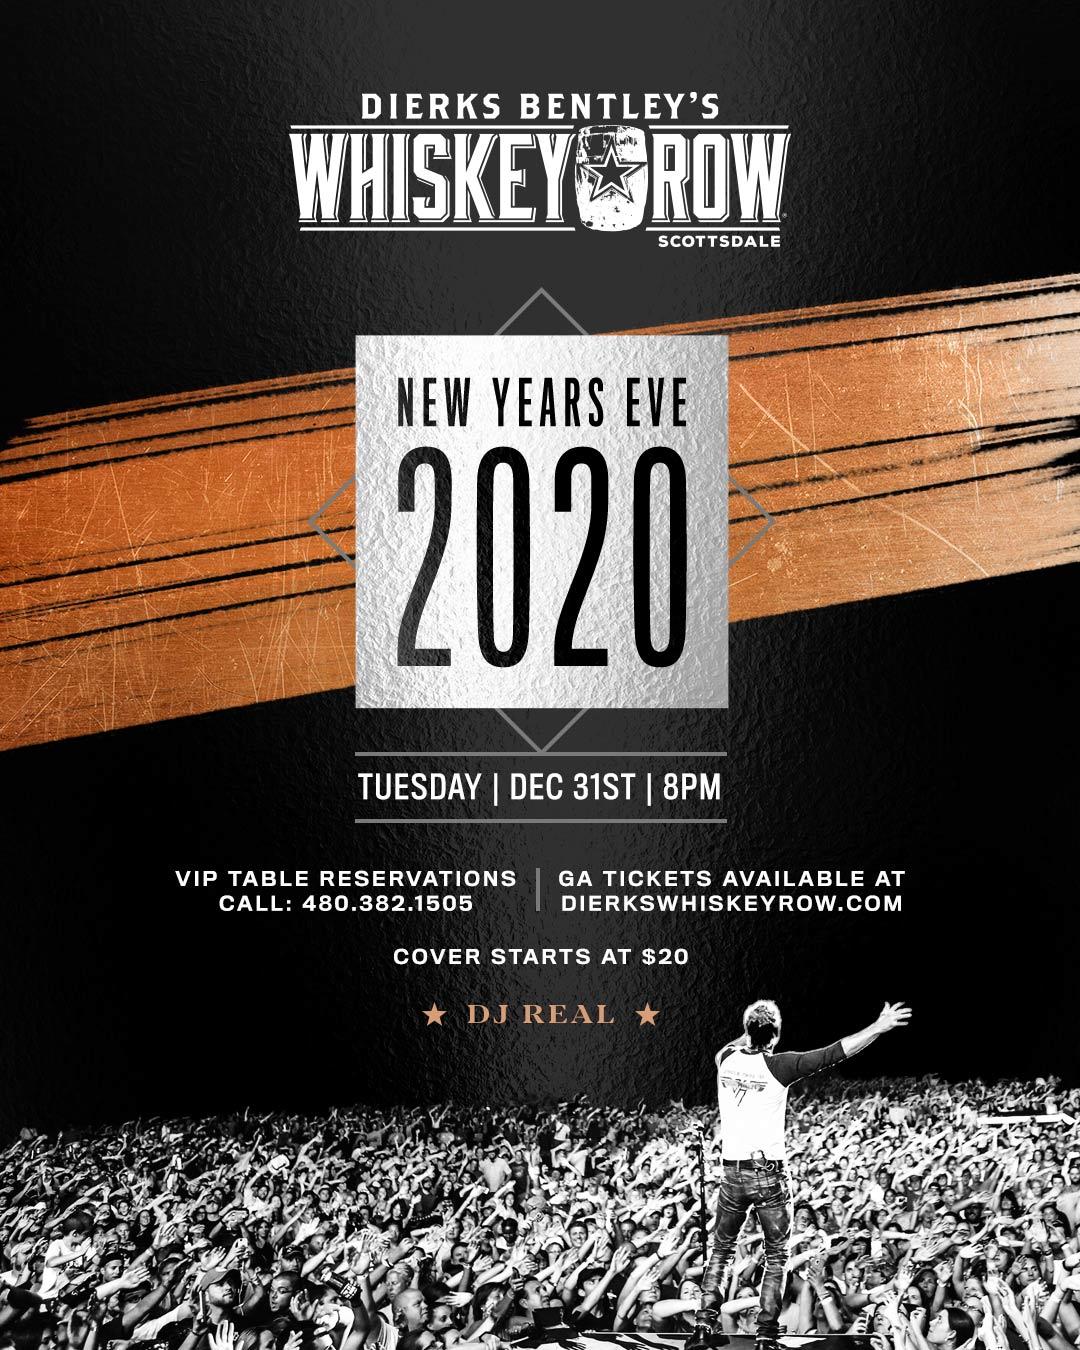 Whiskey Row Scottsdale NYE 2020